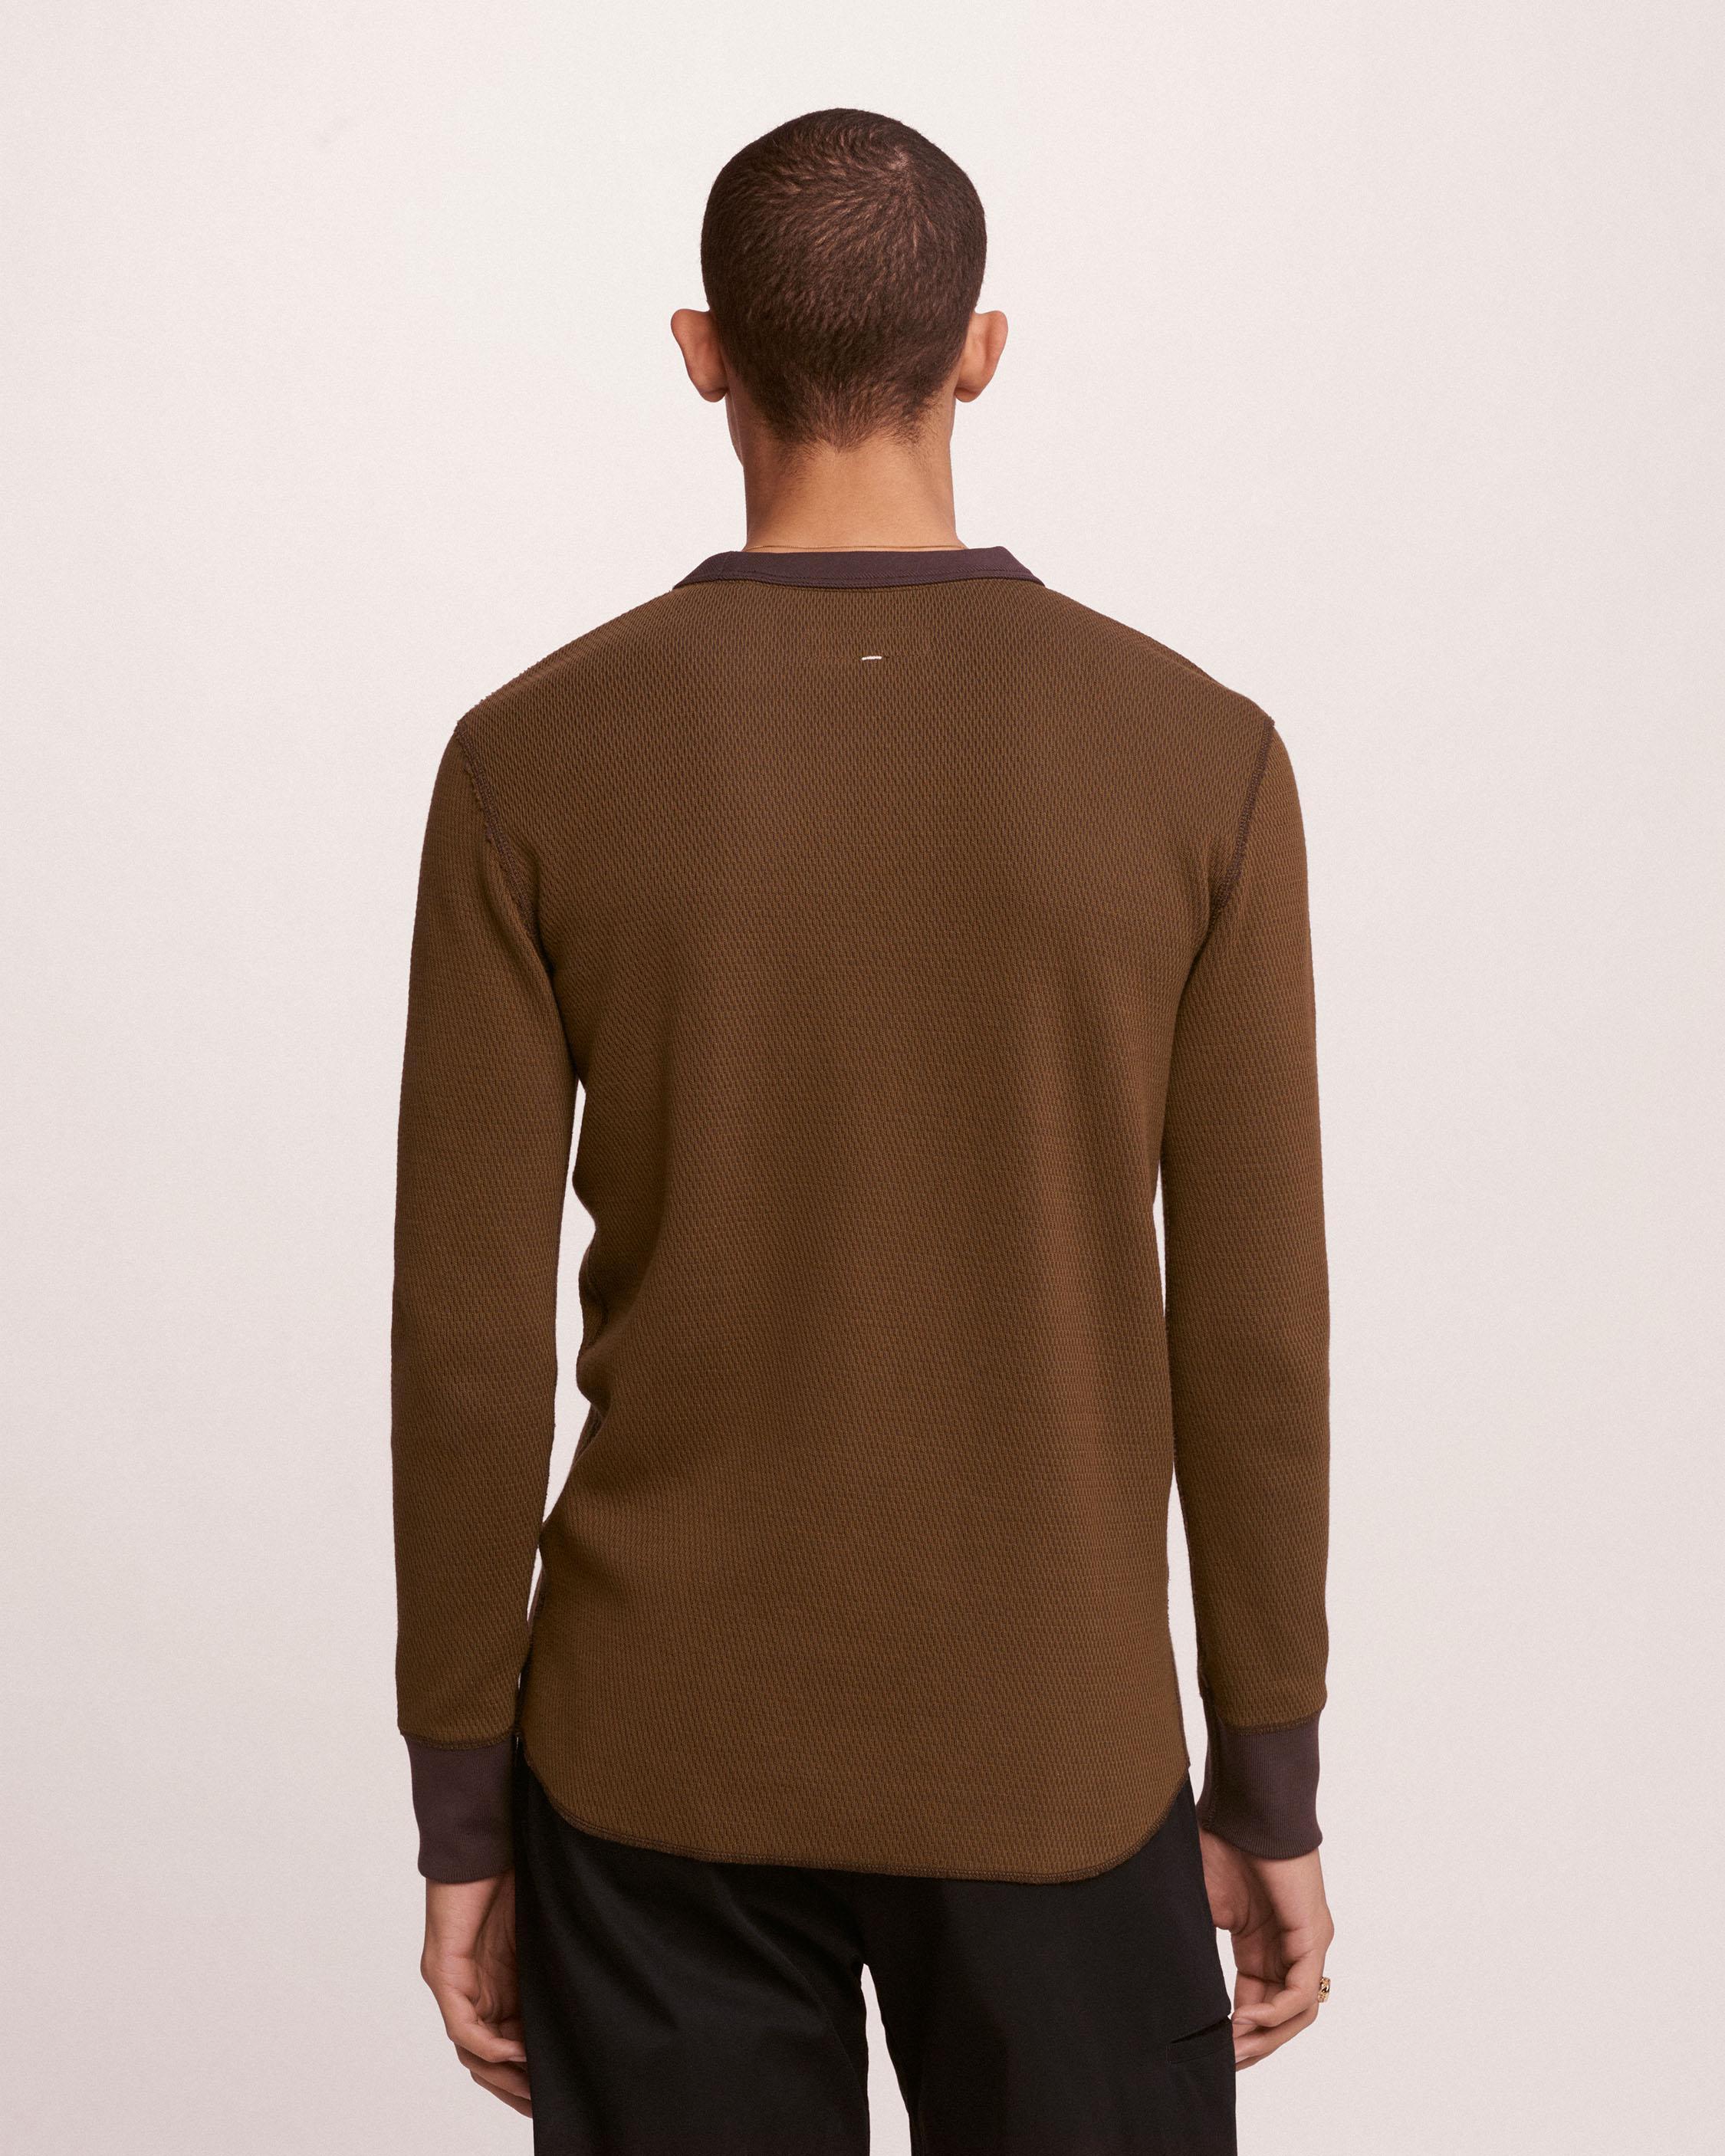 Rag & Bone Cotton Combat Thermal in Dark Olive/Black Olive (Brown) for Men